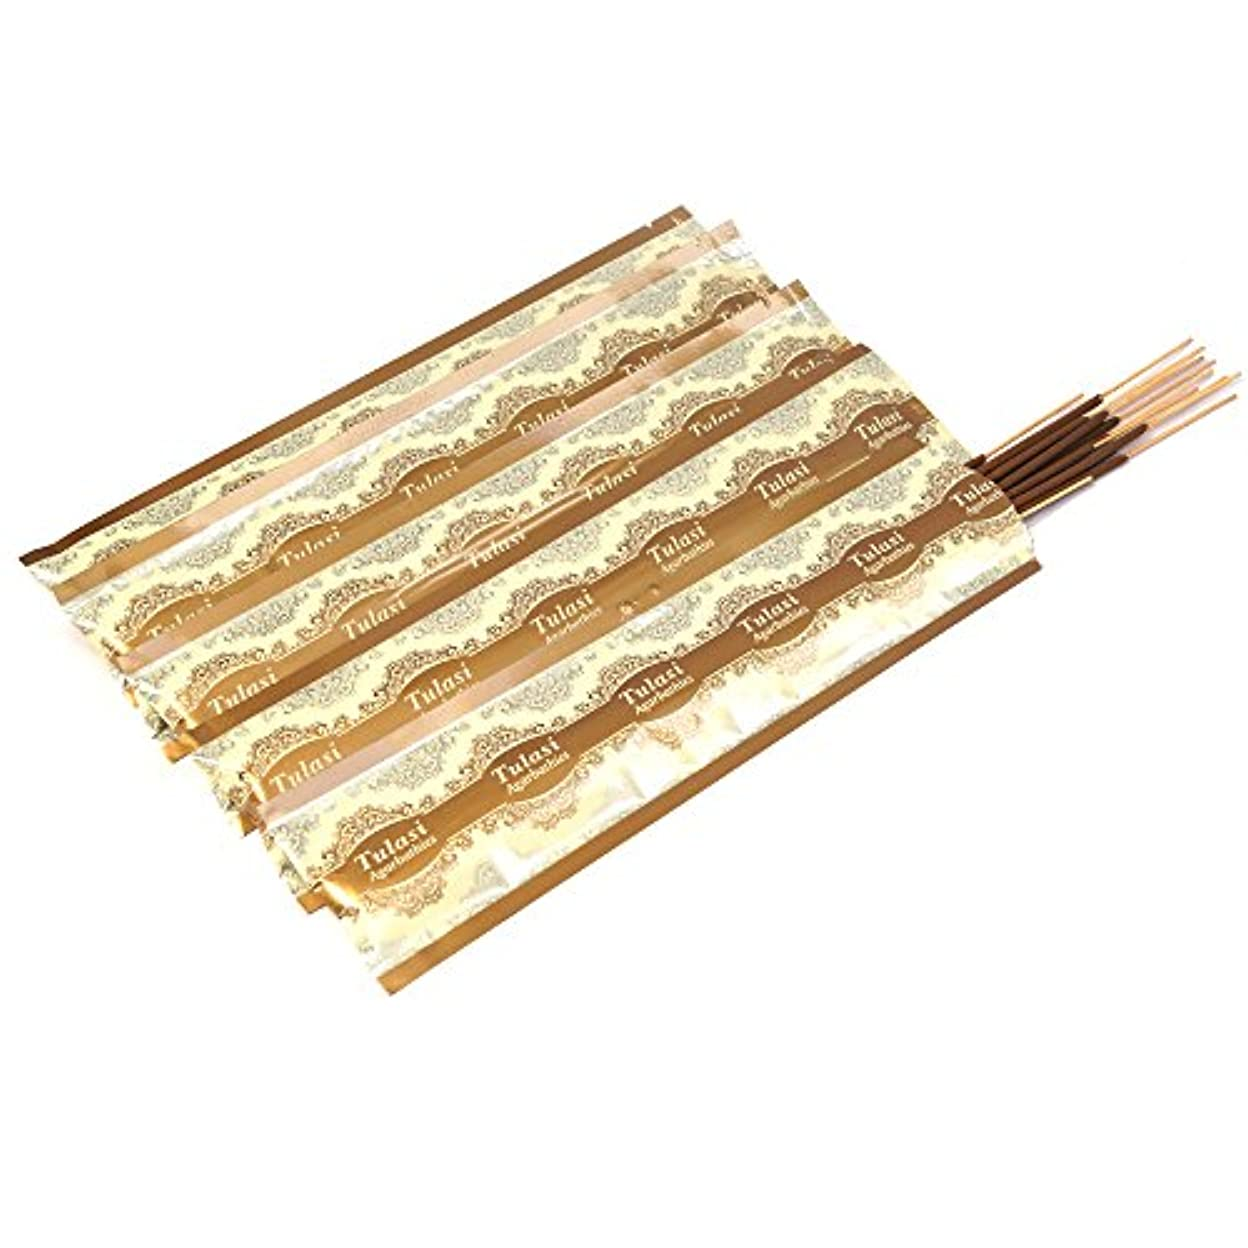 症候群残基セットするFree Nag Champa variety Gift Pack in Herbal TreatジャンボAgarbatti   Incense Sticks Set of 15 Fragrances by Ikshvaku